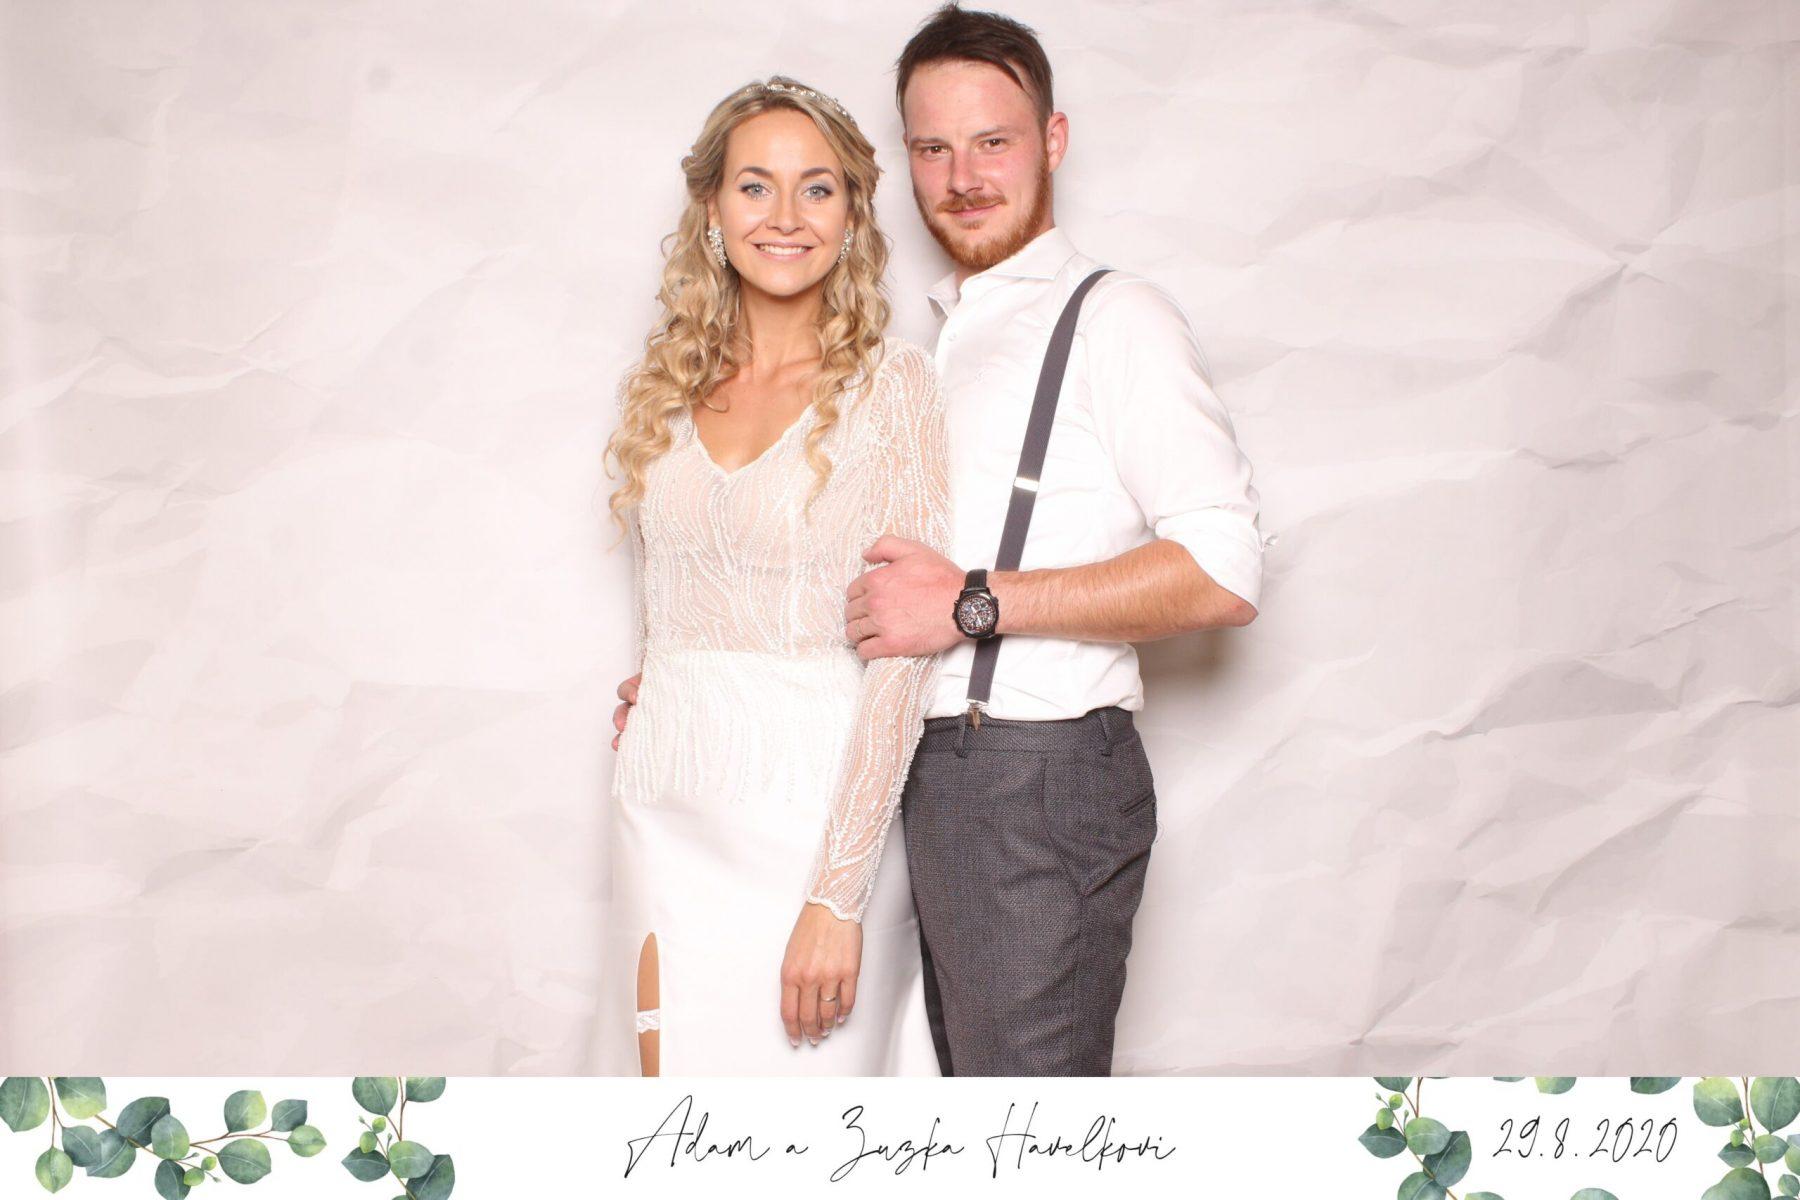 Hledáte fotokoutek svatba? Fotící bedýnka je zábavný svatební fotokoutek